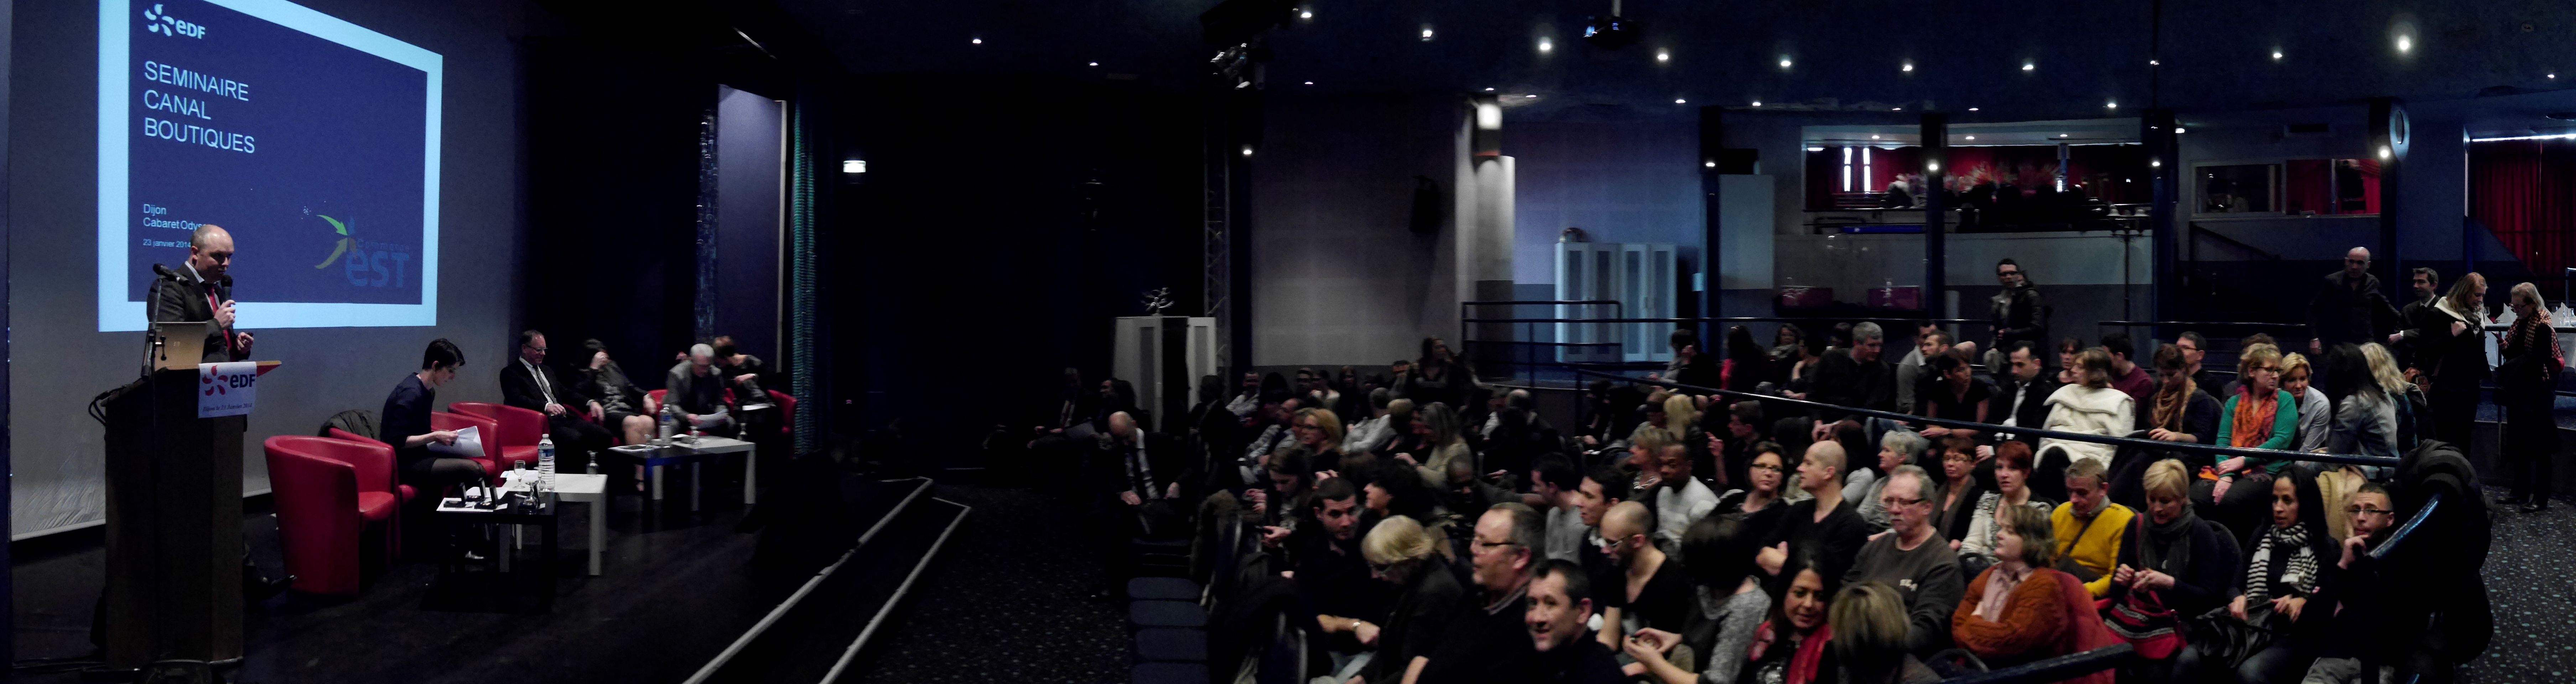 Séminaire Dijon Location de salle et organsation de séminaire